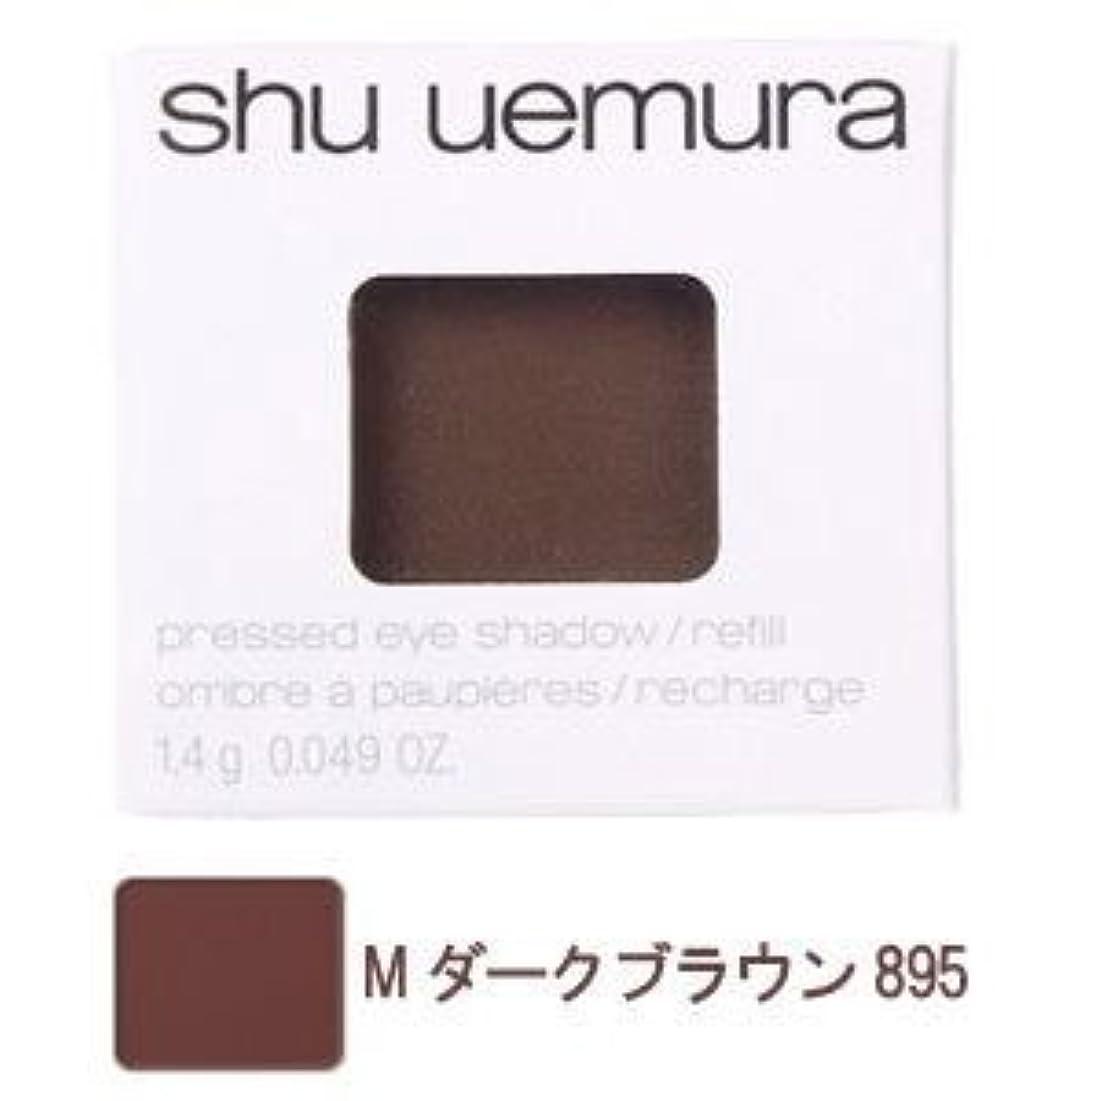 仮称編集する消毒剤shu uemura シュウ ウエムラ<br>プレスド<br>アイシャドー<br>#M<br>ダークブラウン<br>895<br>レフィル [並行輸入品]